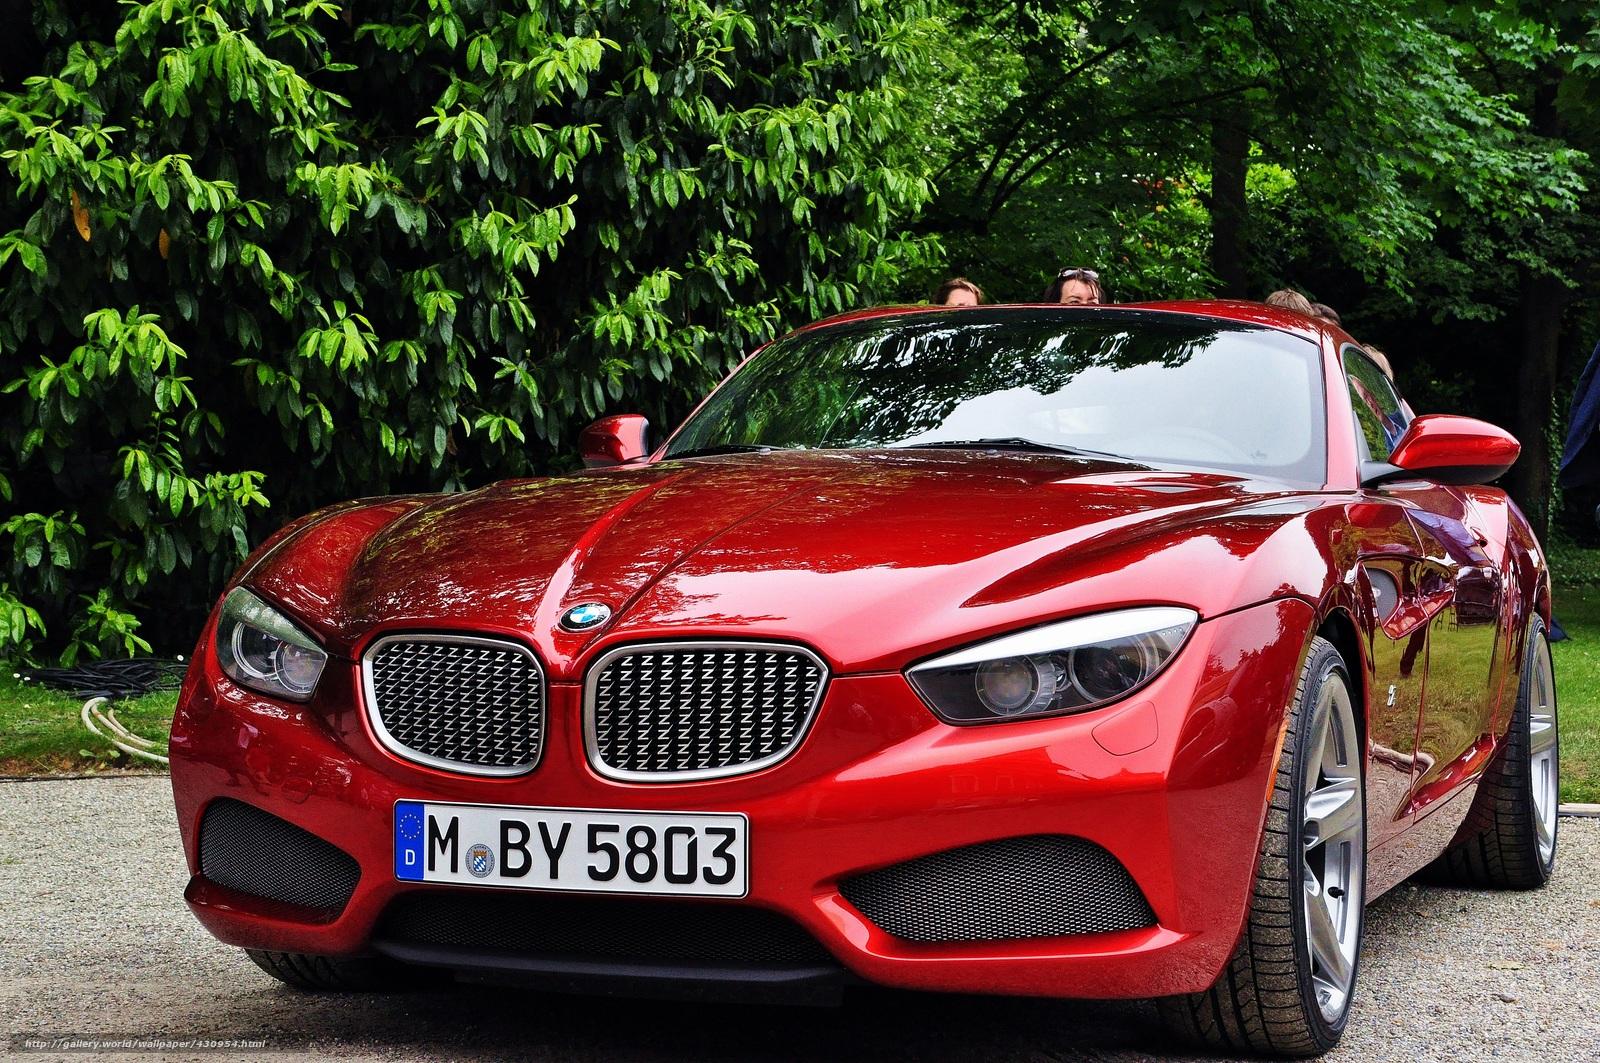 Descargar Gratis 2012 Bmw Zagato Coupe Fondos De